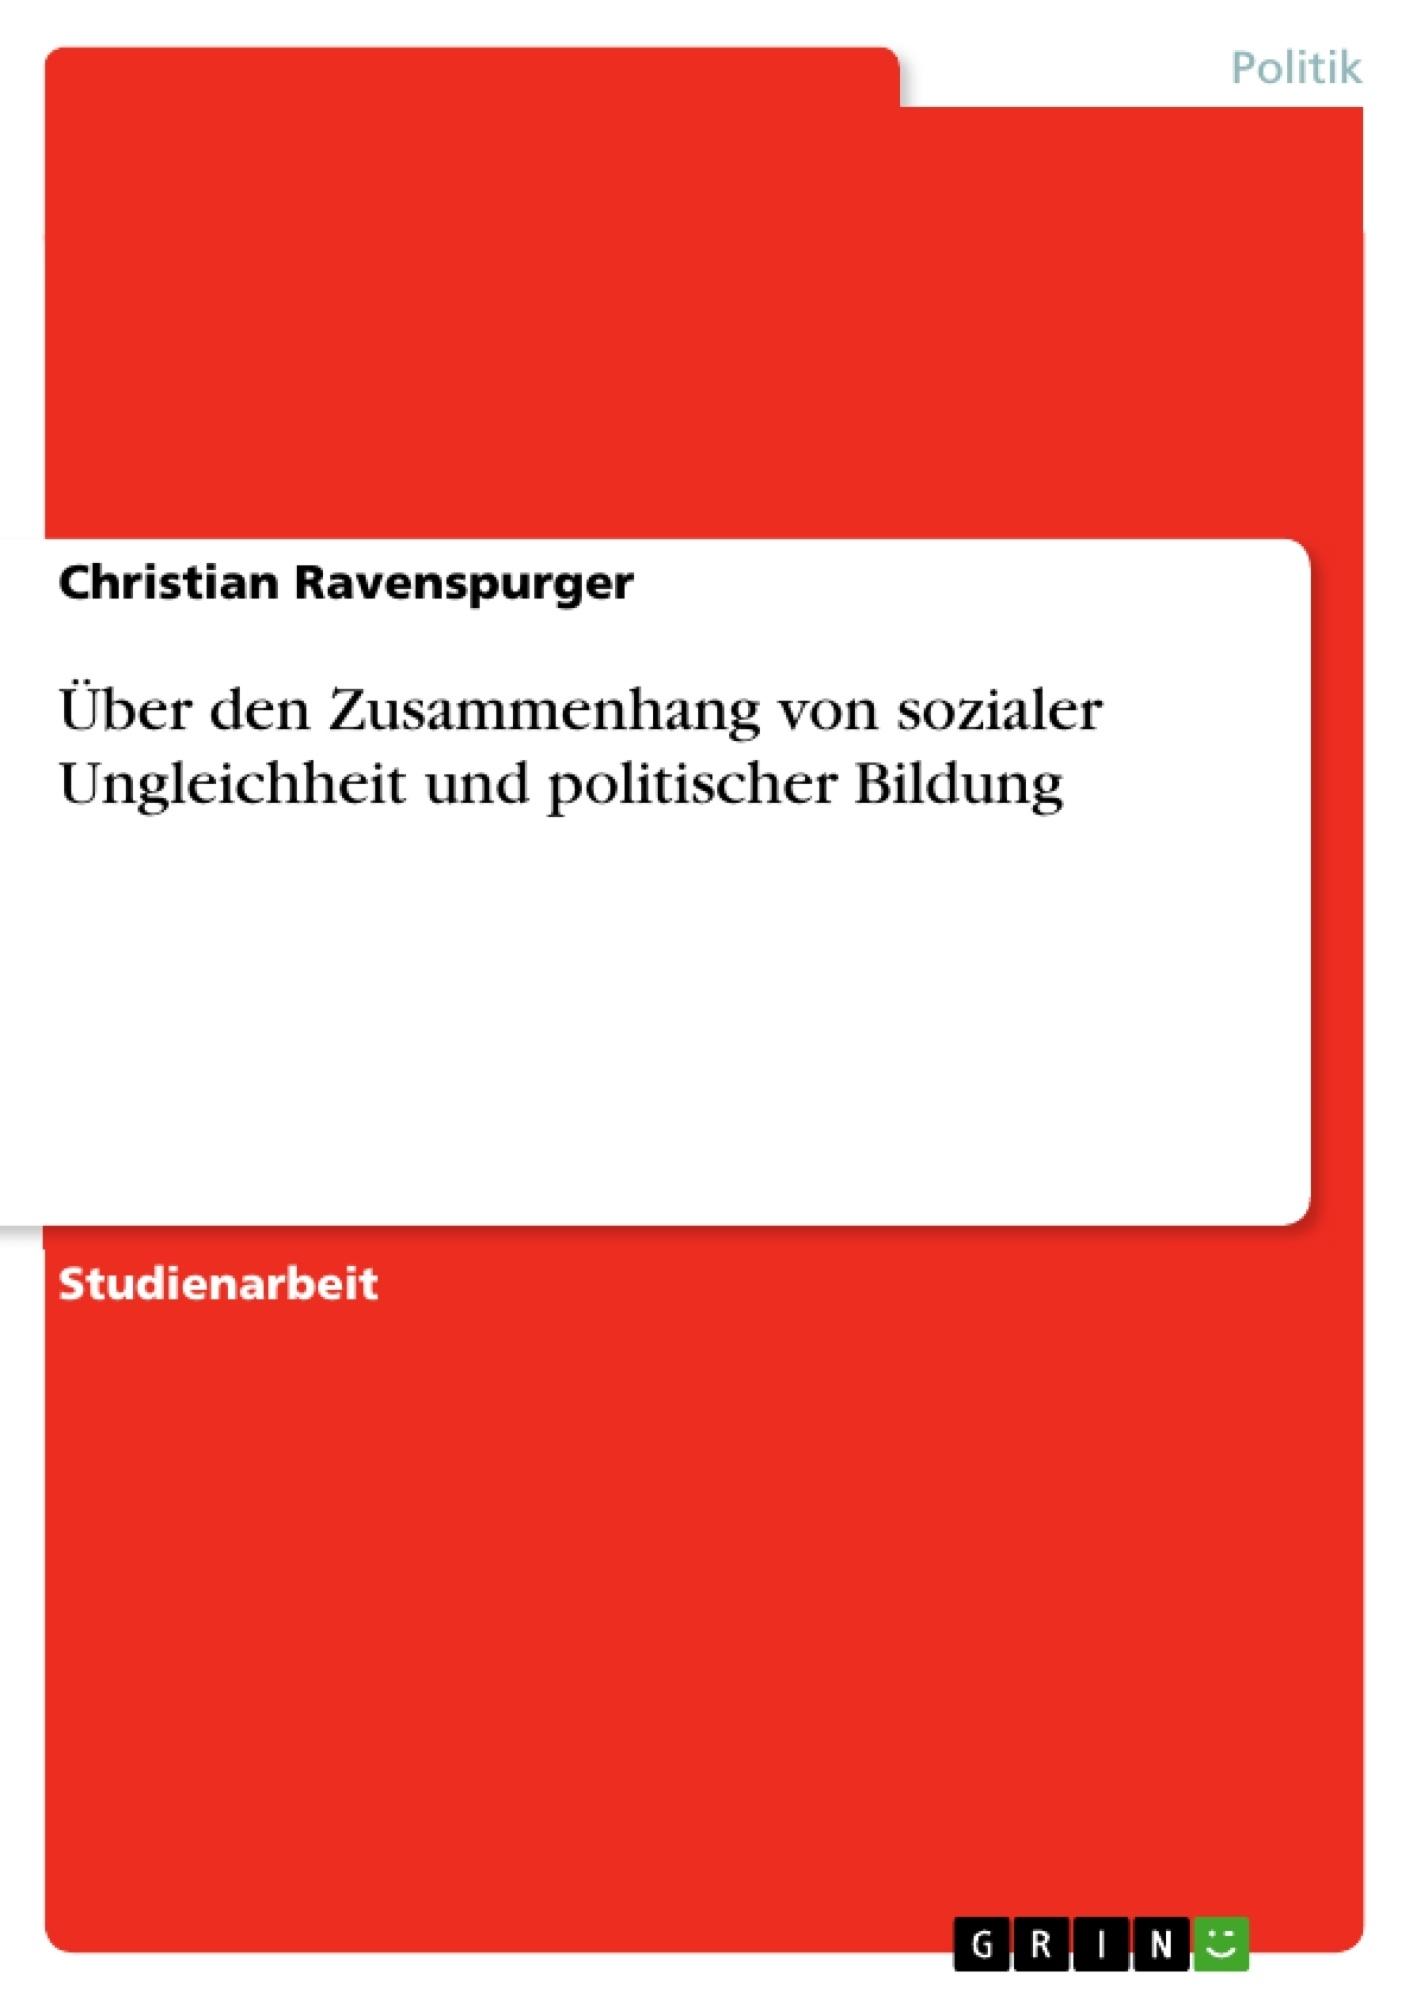 Titel: Über den Zusammenhang von sozialer Ungleichheit und politischer Bildung